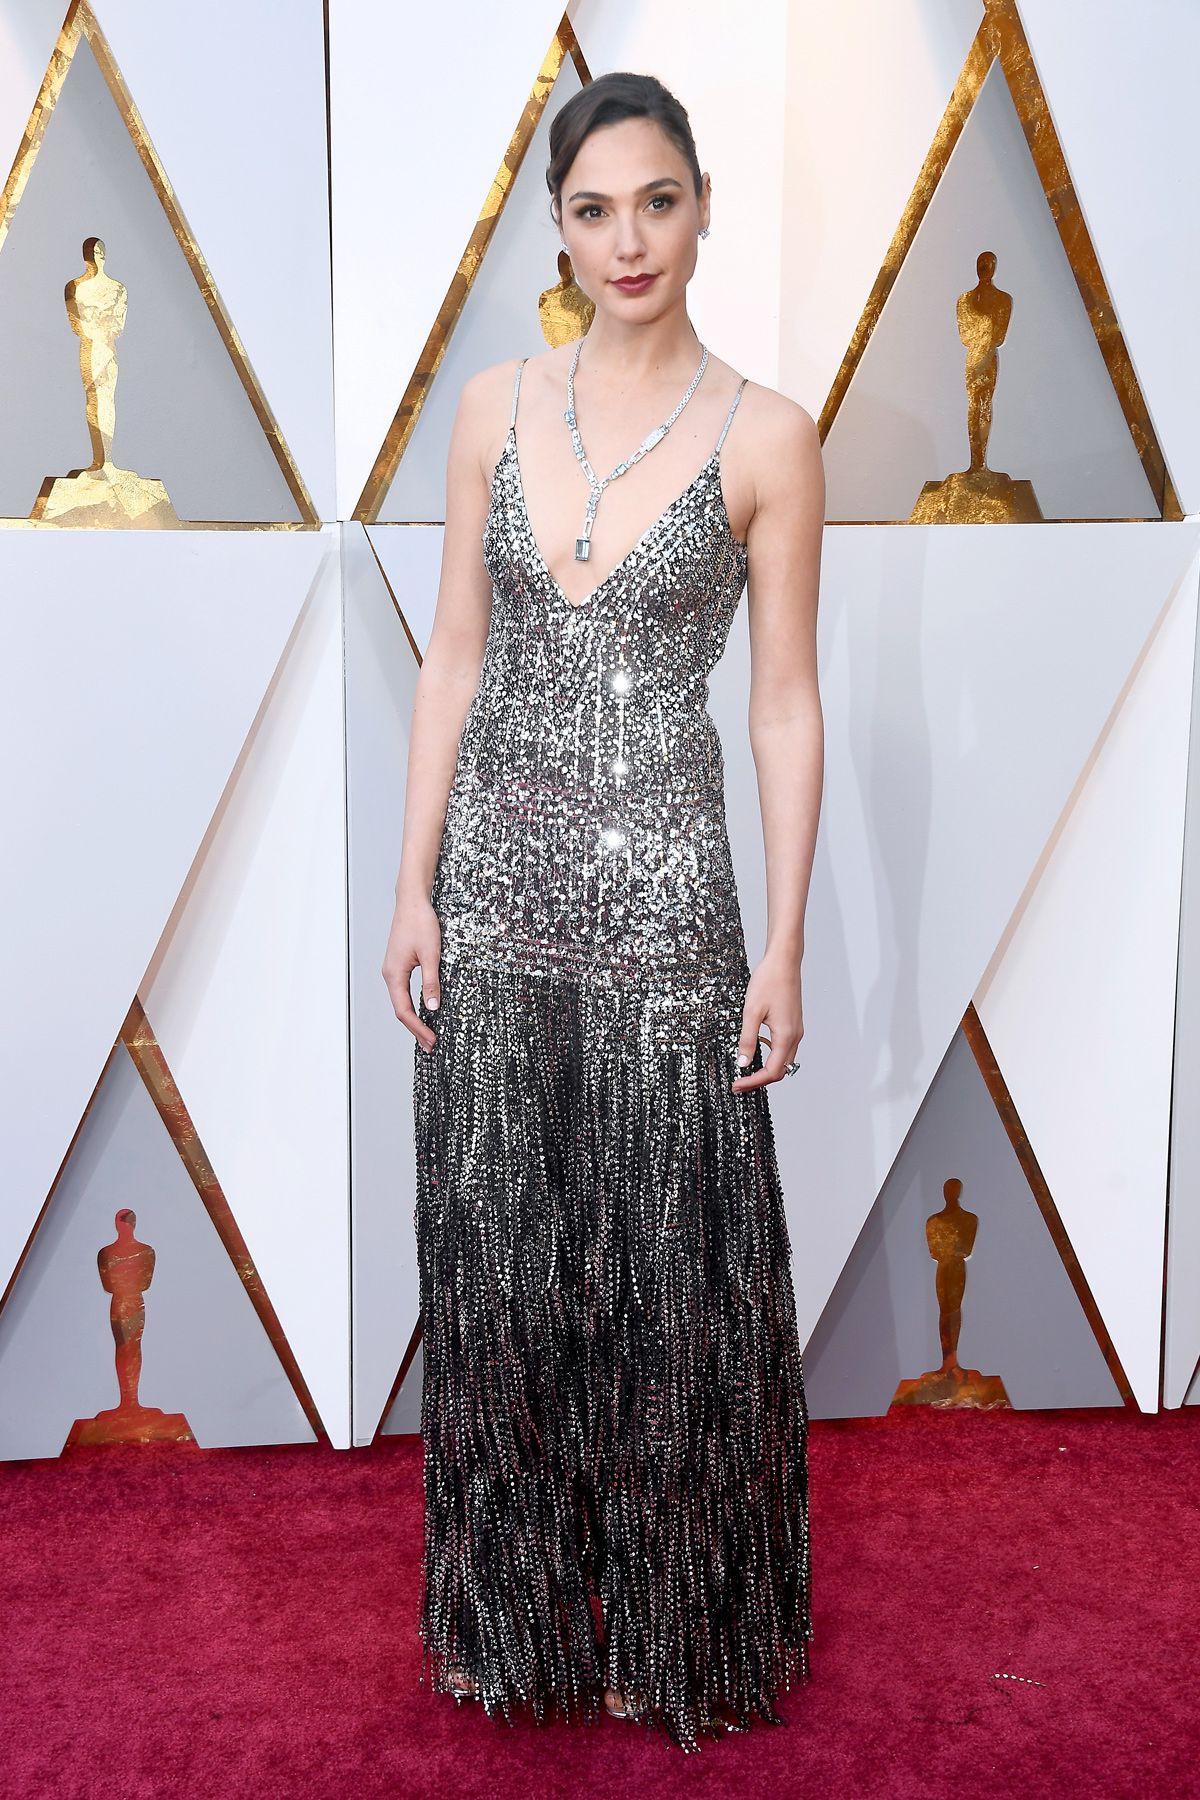 La Alfombra Roja De Los Premios Oscar 2018 Red Carpet In